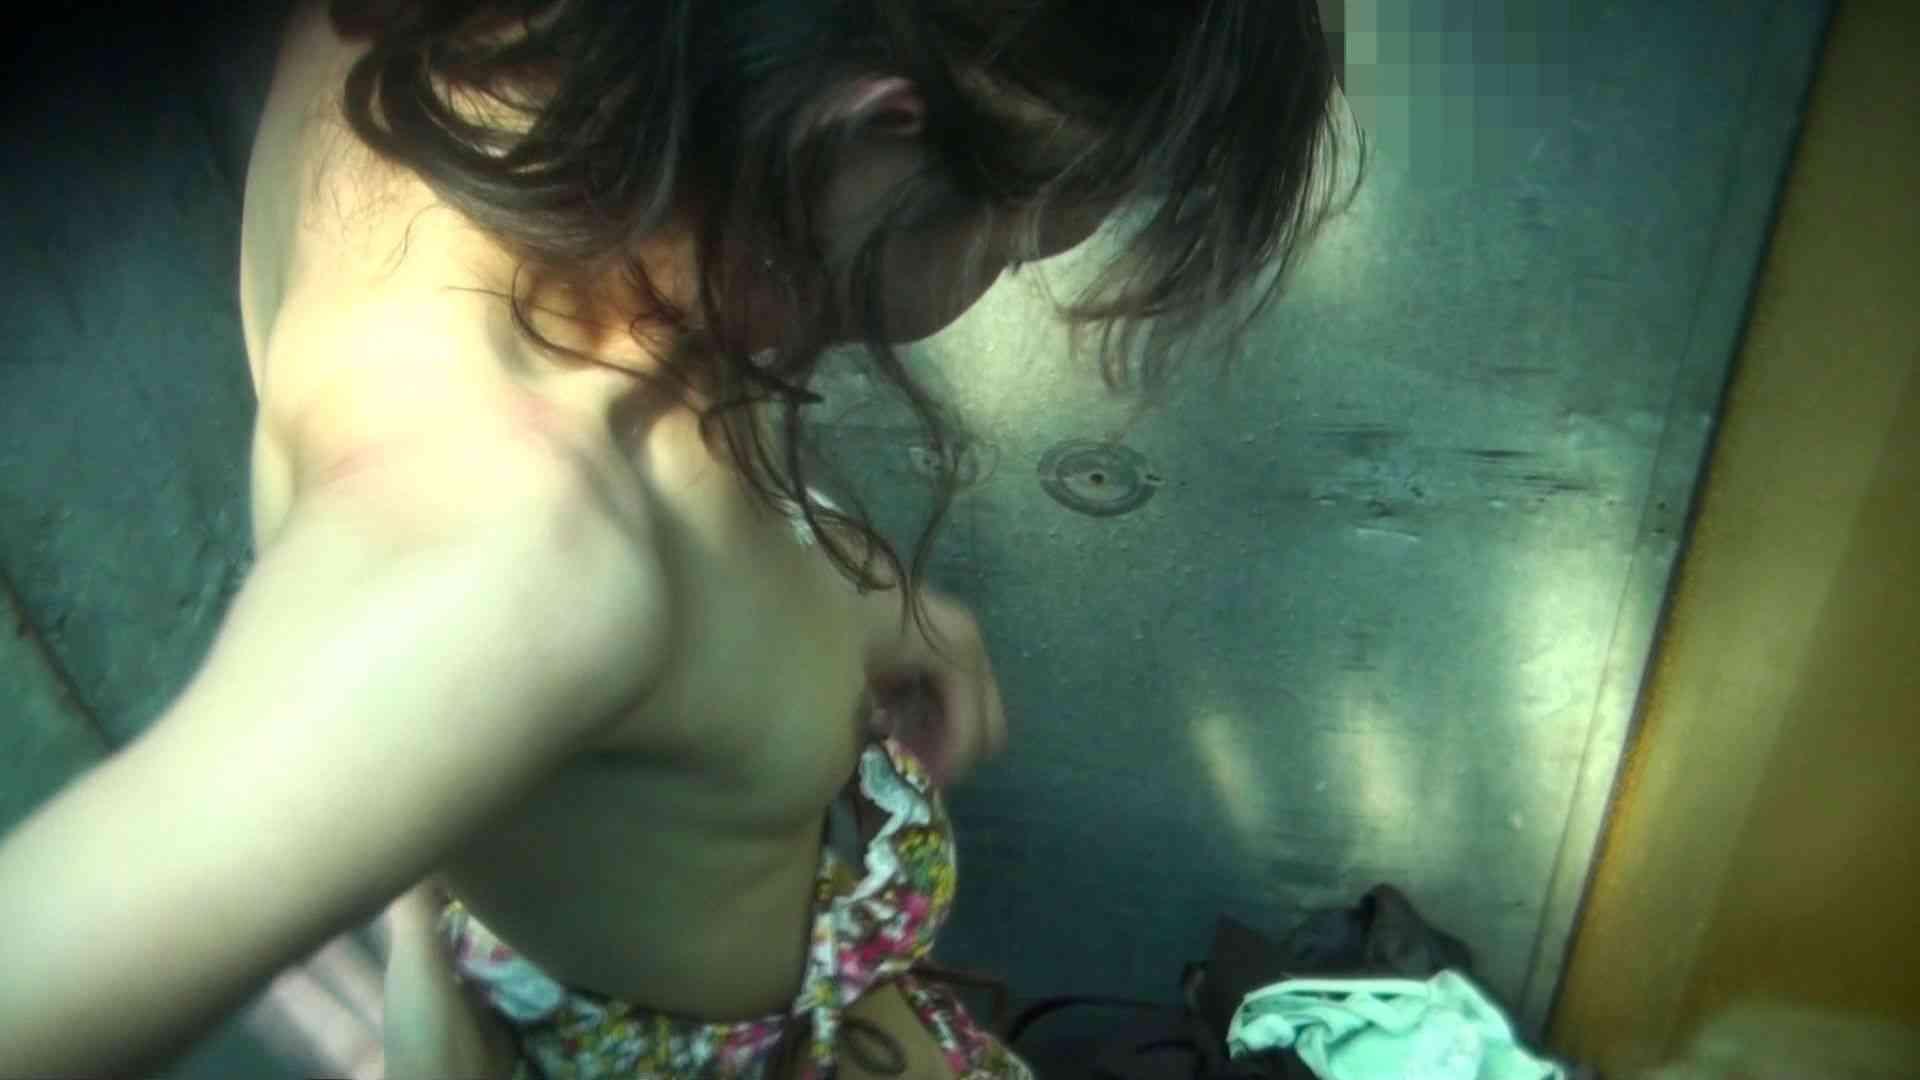 シャワールームは超!!危険な香りVol.16 意外に乳首は年増のそれ 高画質モード セックス画像 105画像 4